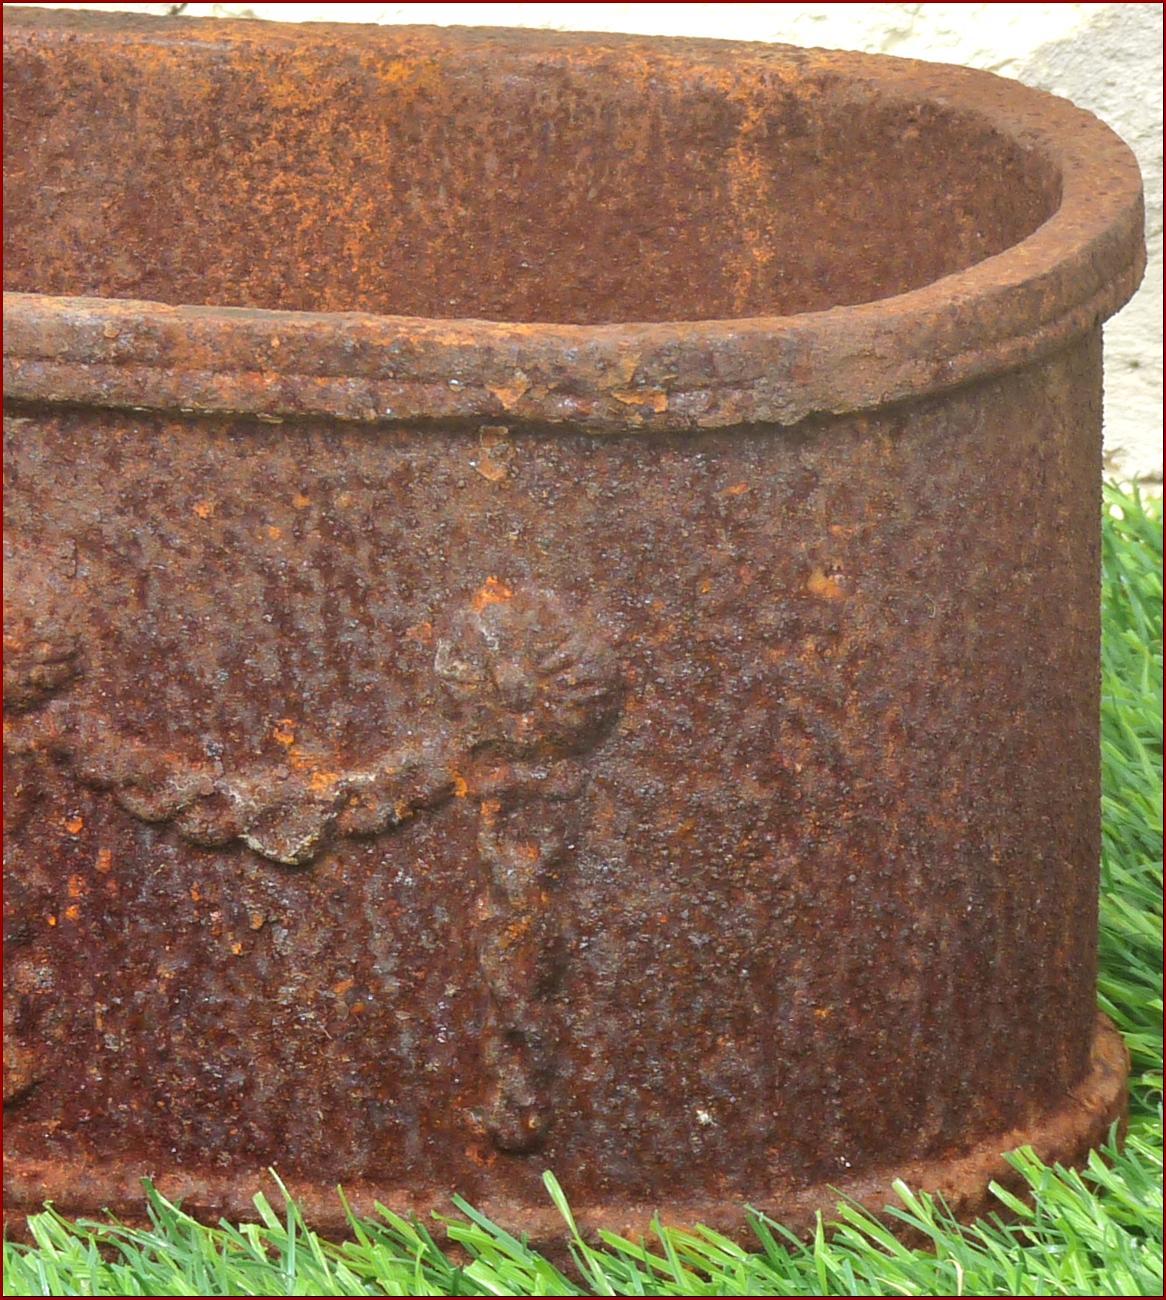 Jardiniere bac pot vasque en fonte de jardin fenetre ebay for Jardiniere vasque jardin